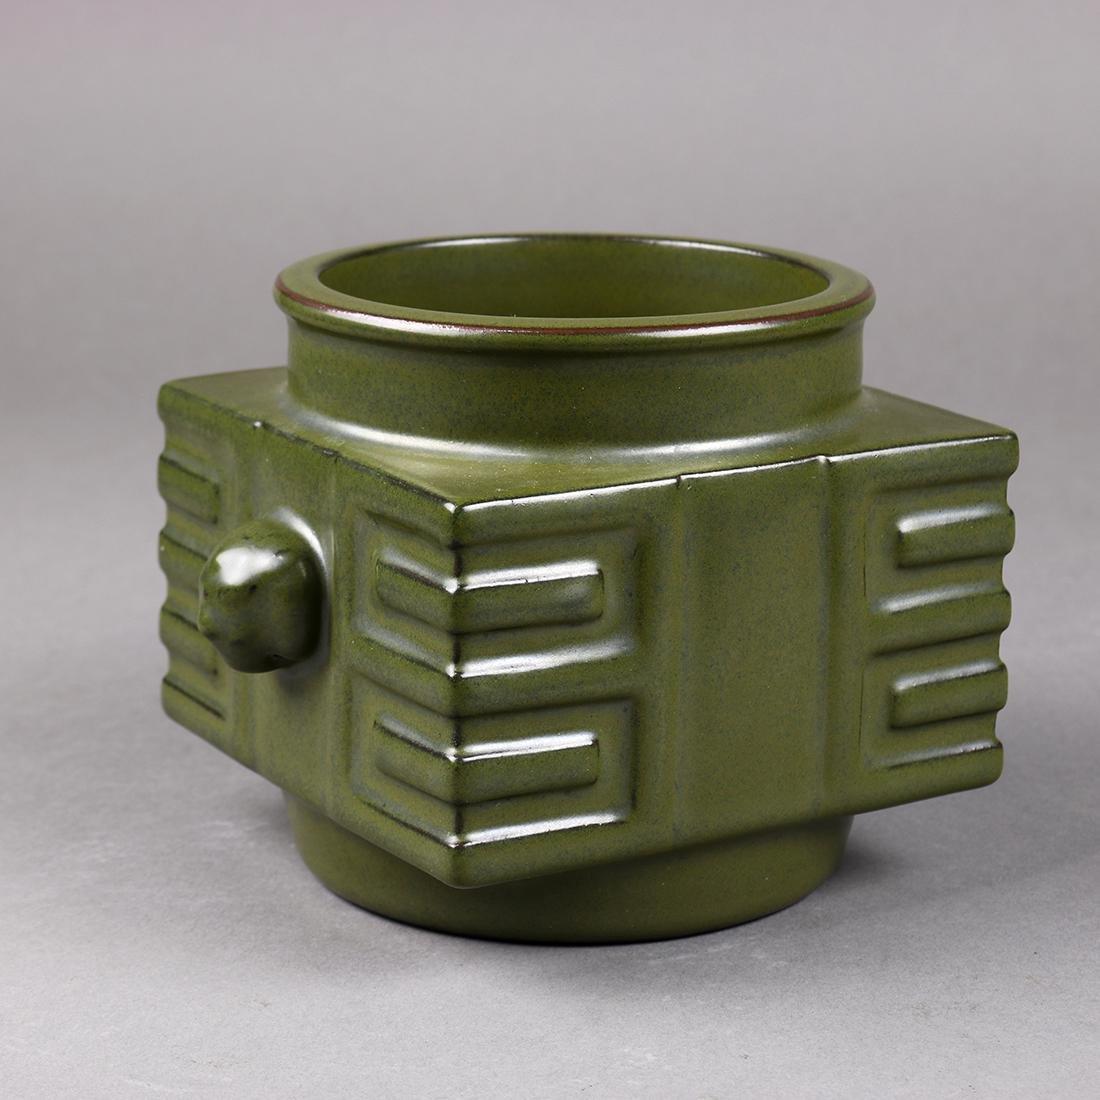 Chinese Tea-dust Glazed Cong Vase